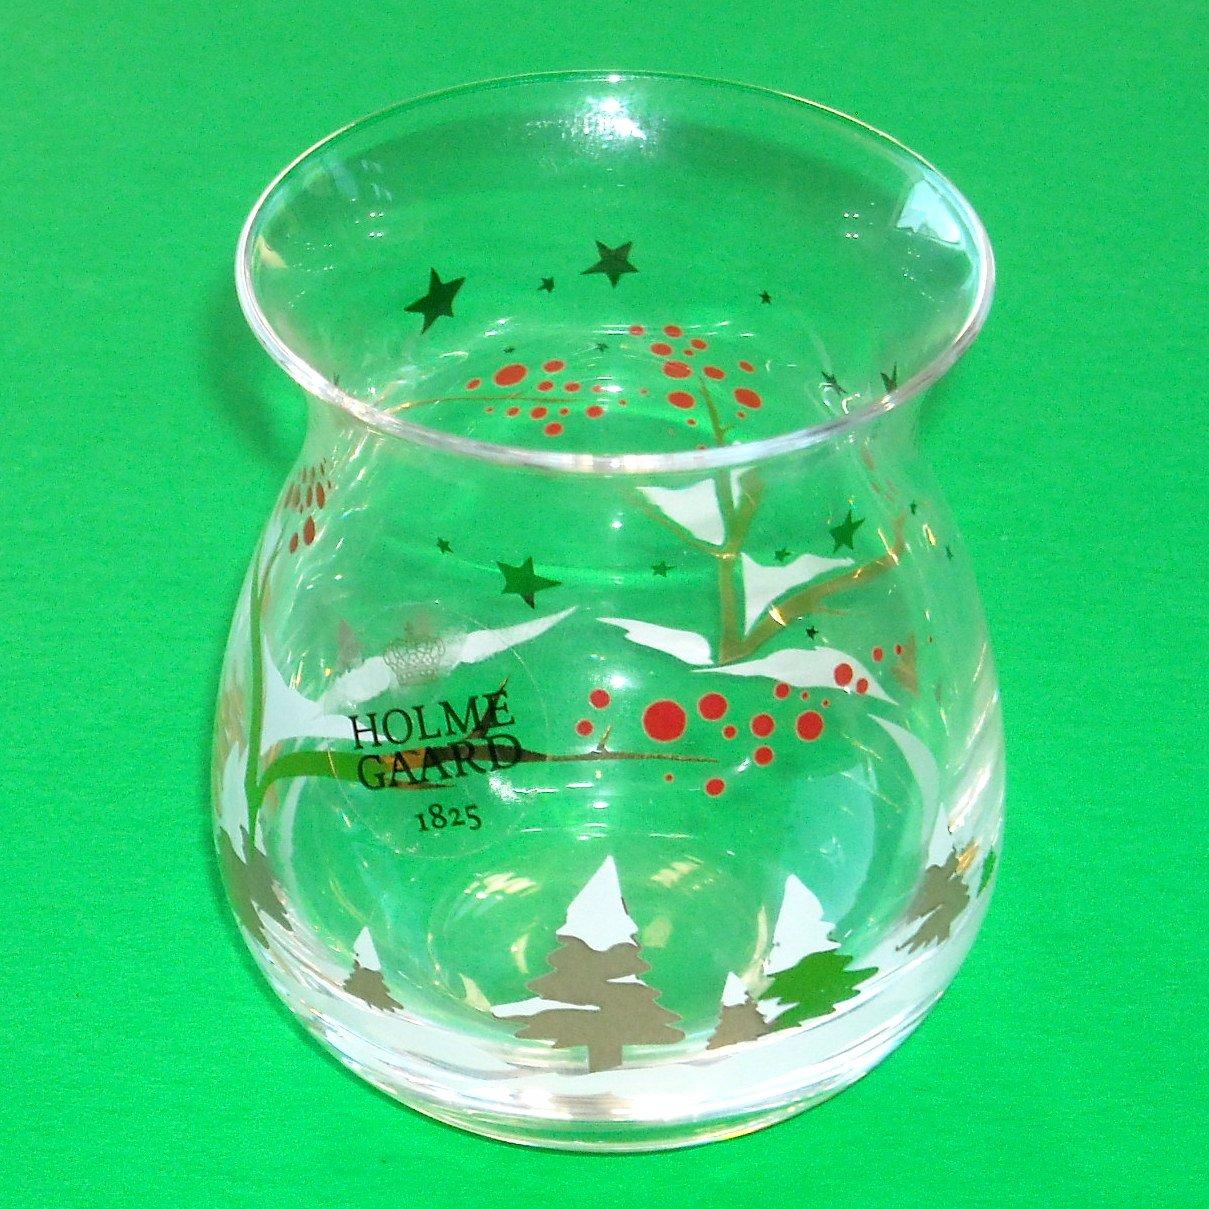 Holmegaard Votive Tealight Candle Holder Christmas 2012